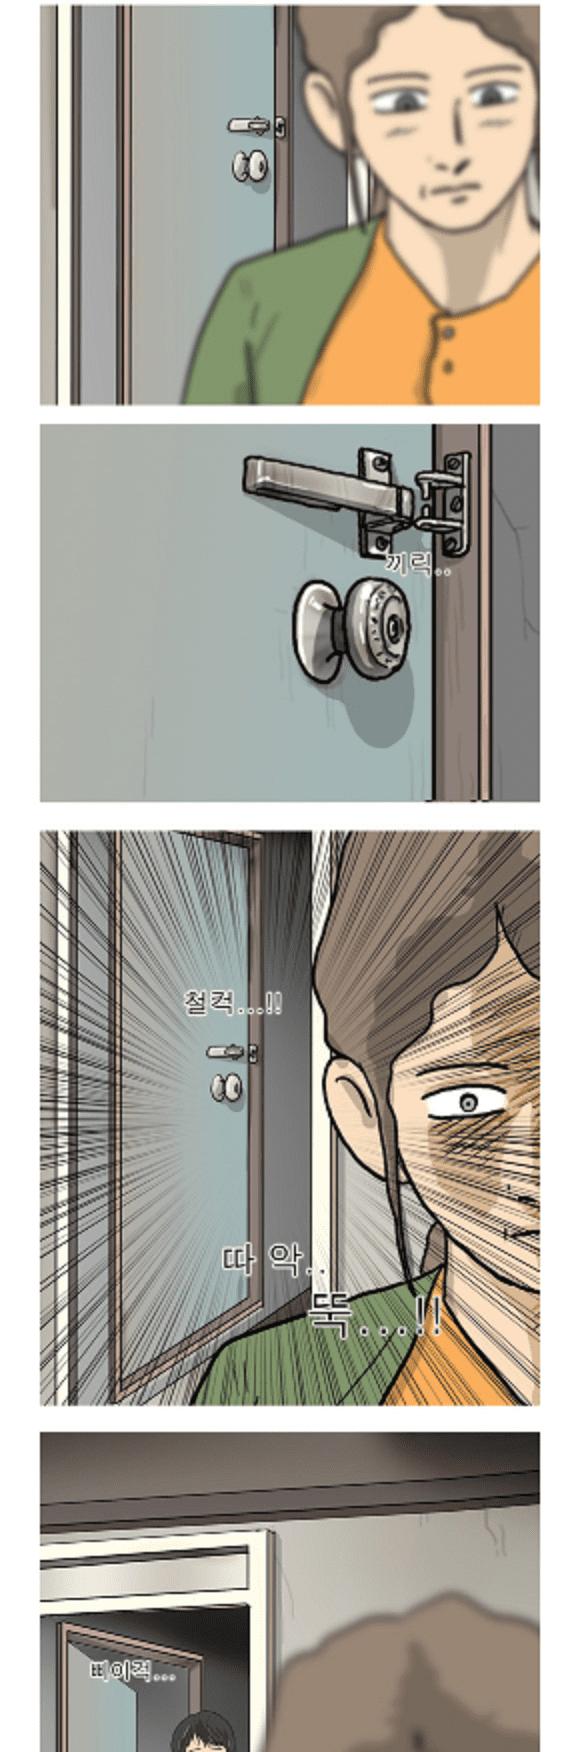 bố cục dọc của webtoon Hàn Quốc